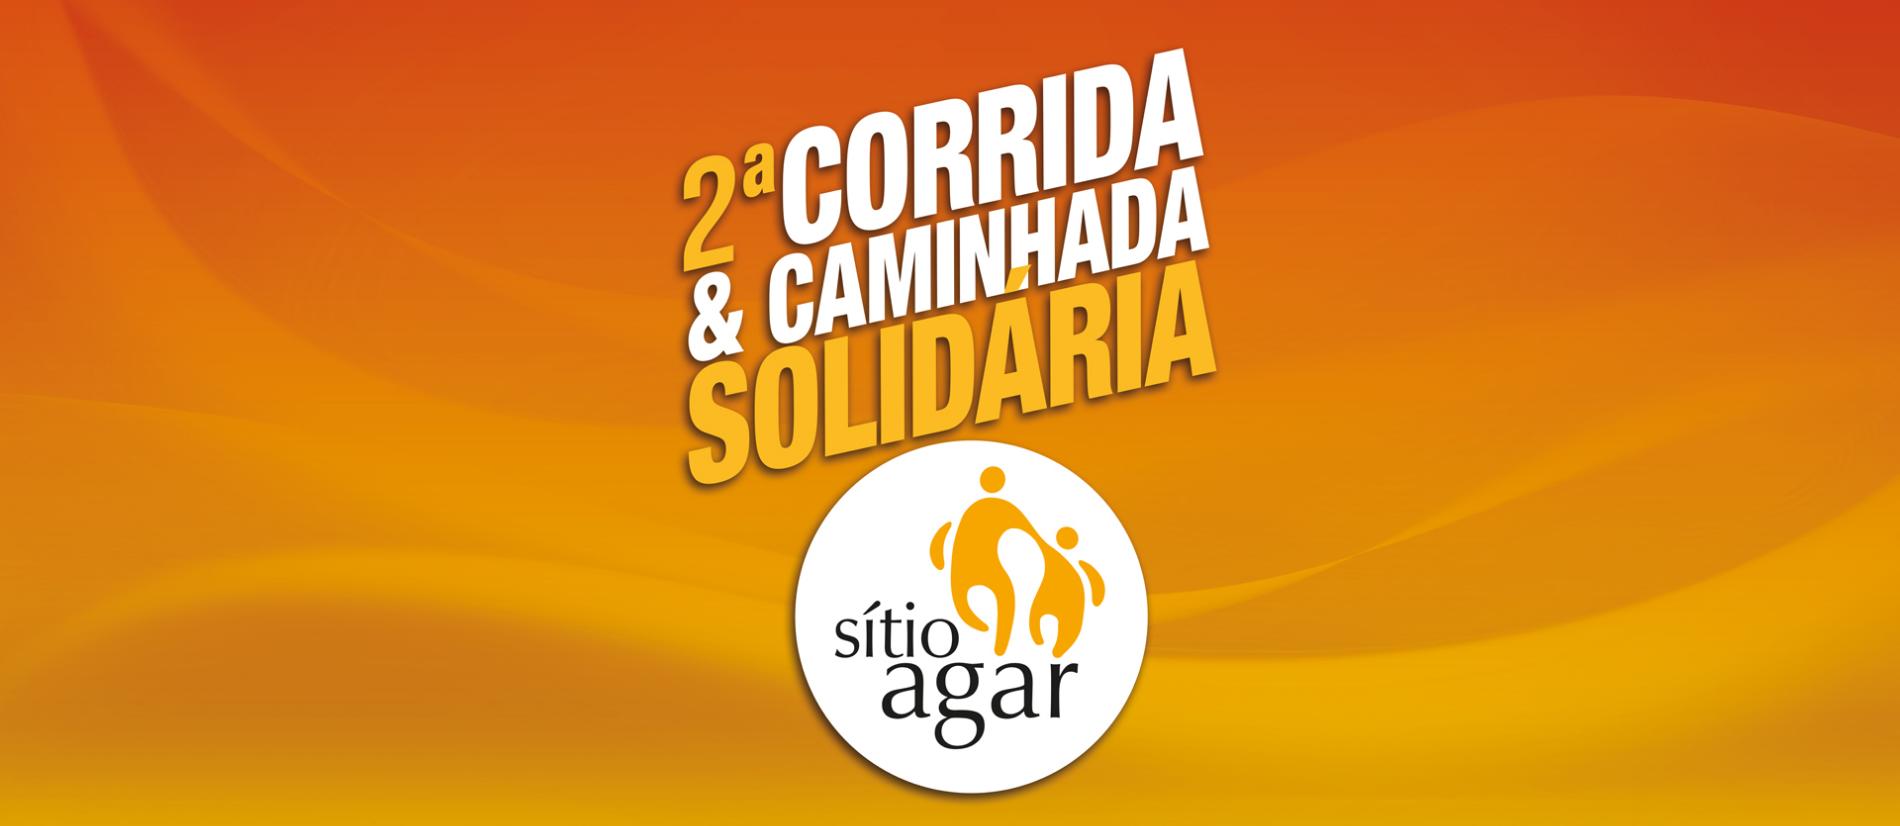 2ª CORRIDA E CAMINHADA SOLIDÁRIA SITIO AGAR